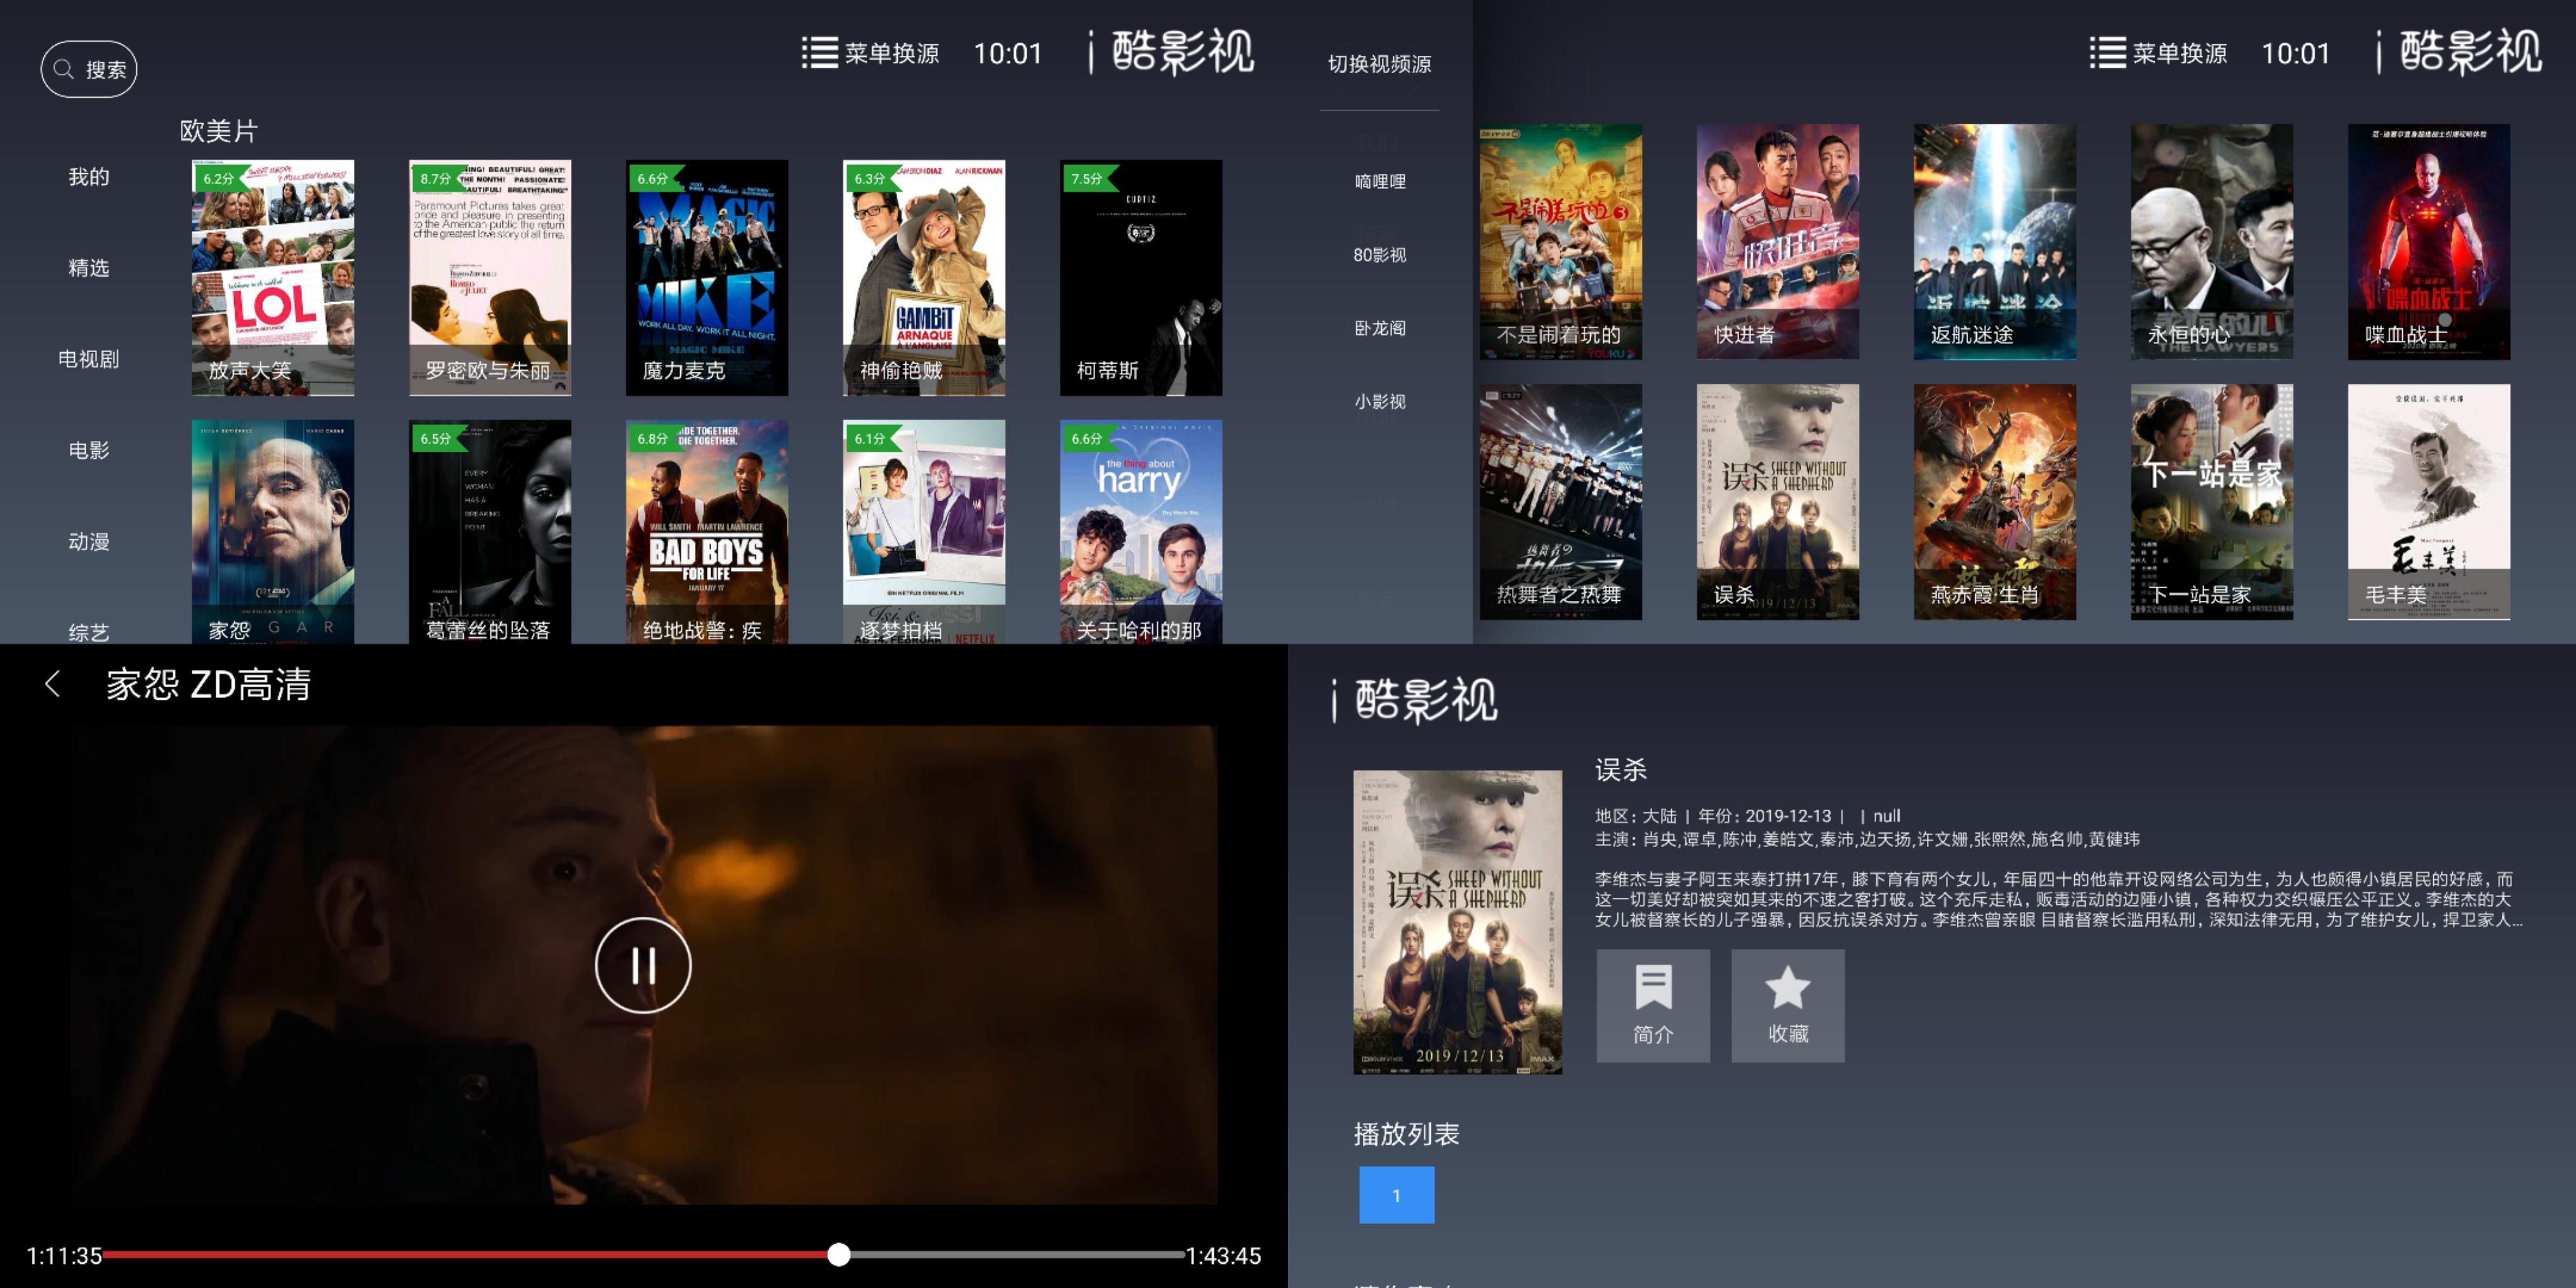 i酷影视 盒子版 热门影视在线看 多个节点选择切换